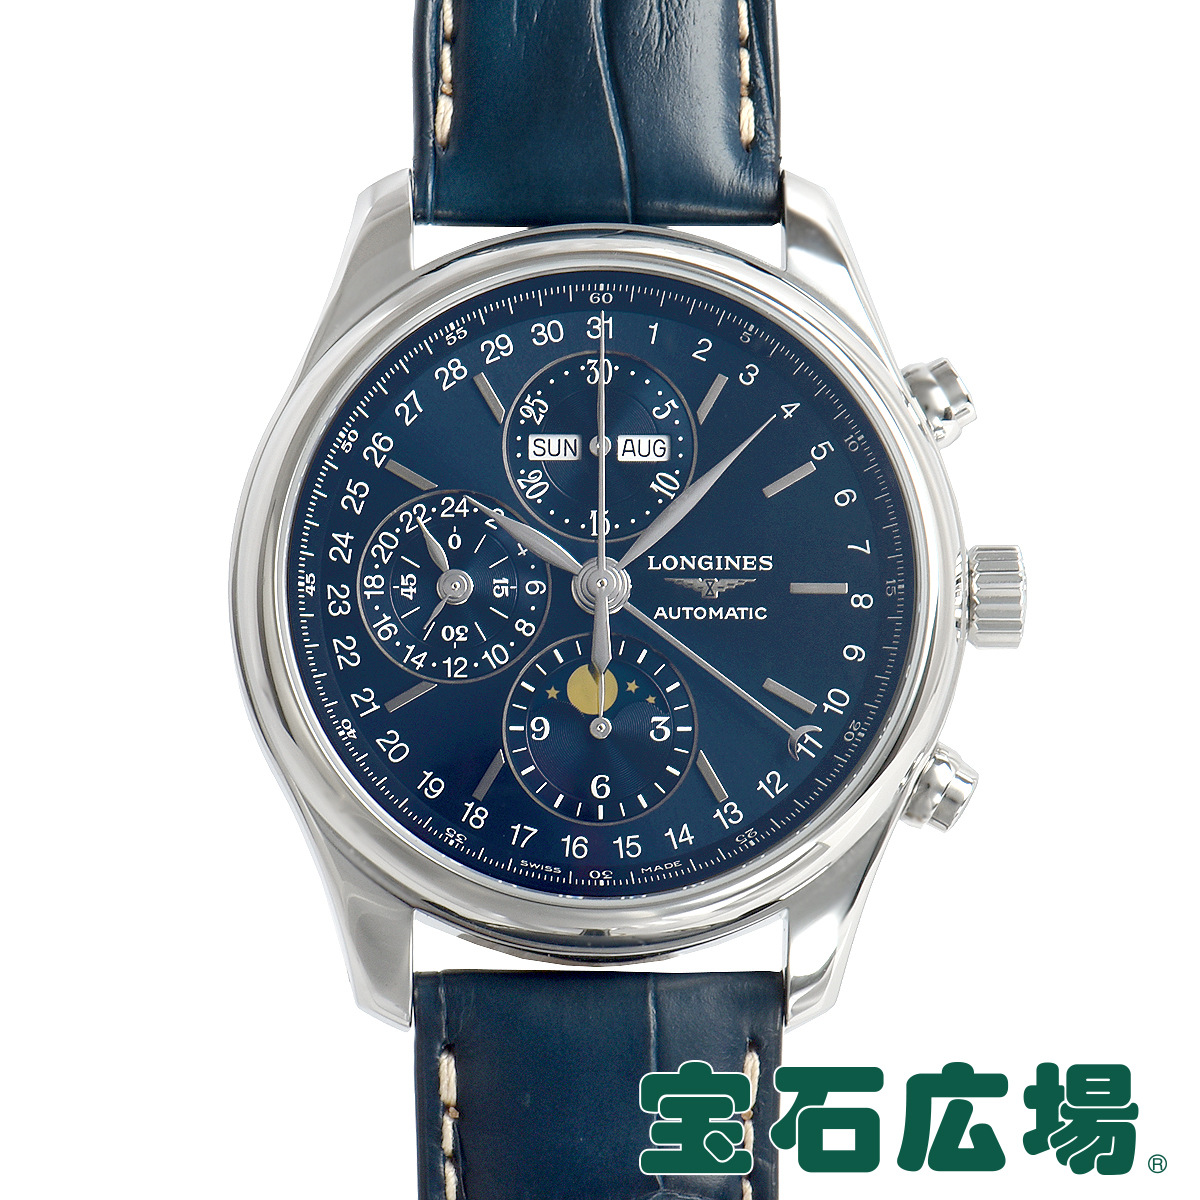 ロンジン LONGINES マスターコレクション クロノムーンフェイズ L2.773.4.92.0【新品】メンズ 腕時計 送料・代引手数料無料